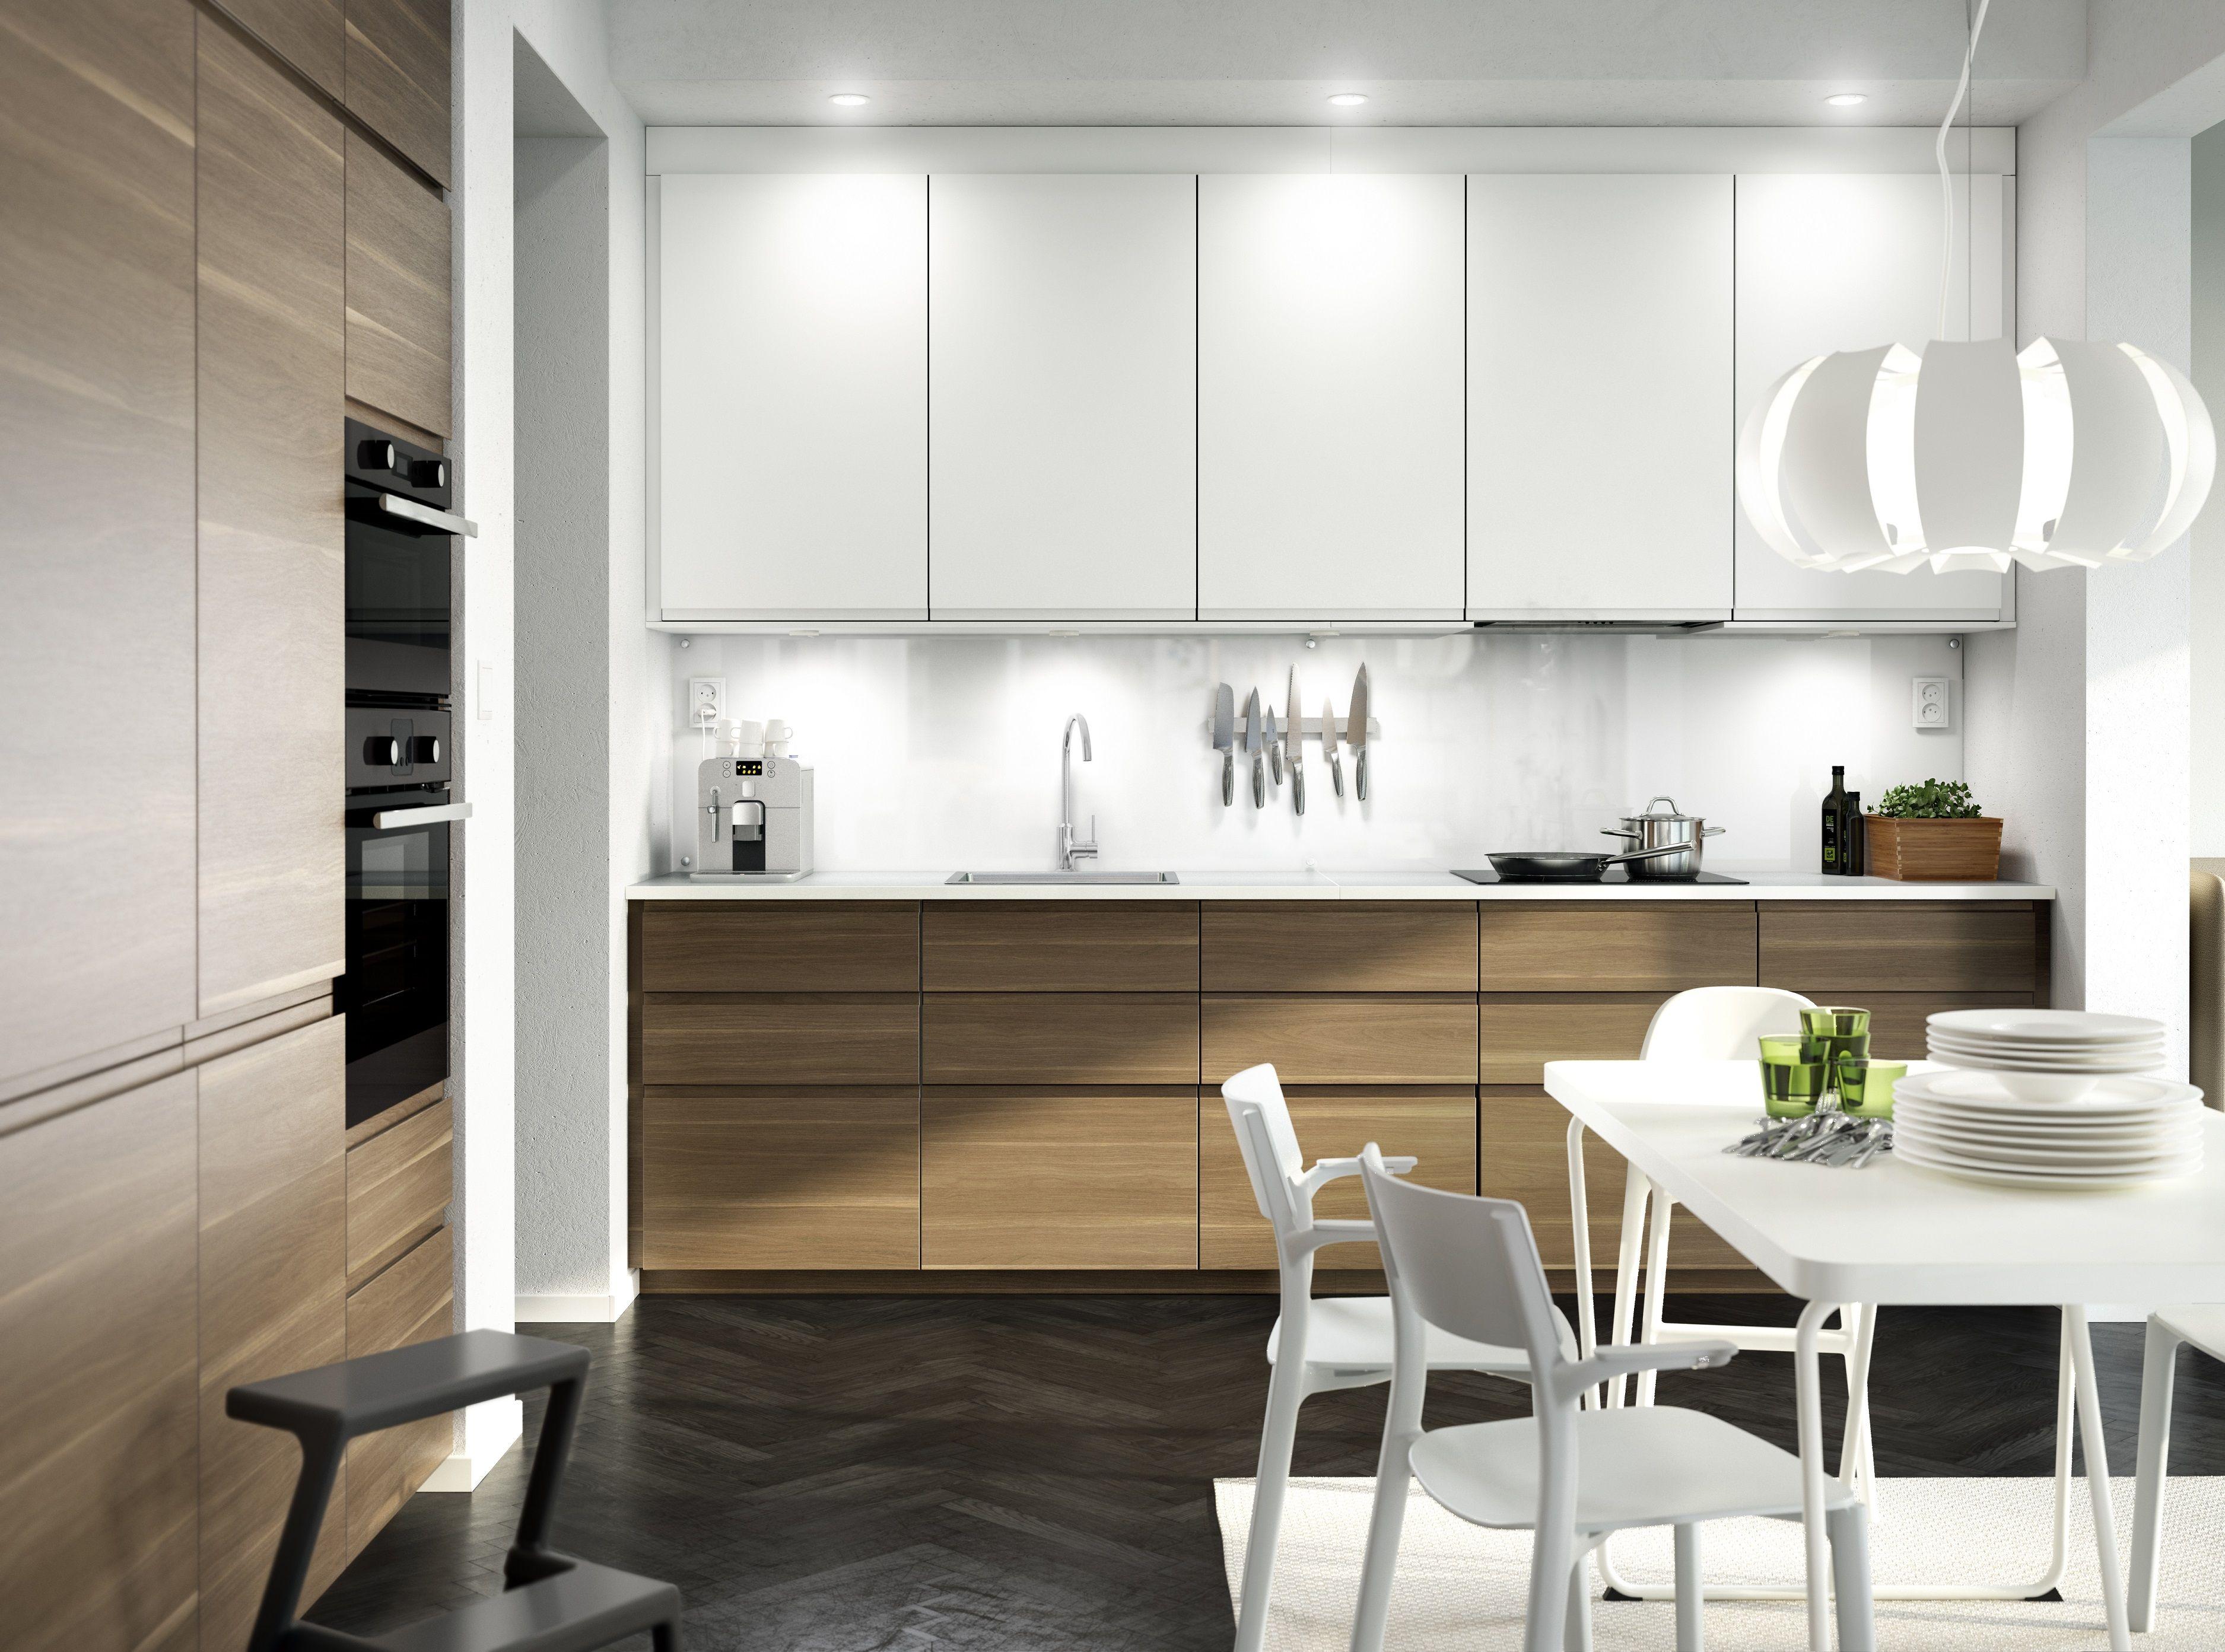 Metod Keuken Ikea : Metod keuken ikea ikeanl minimalistisch modern hout